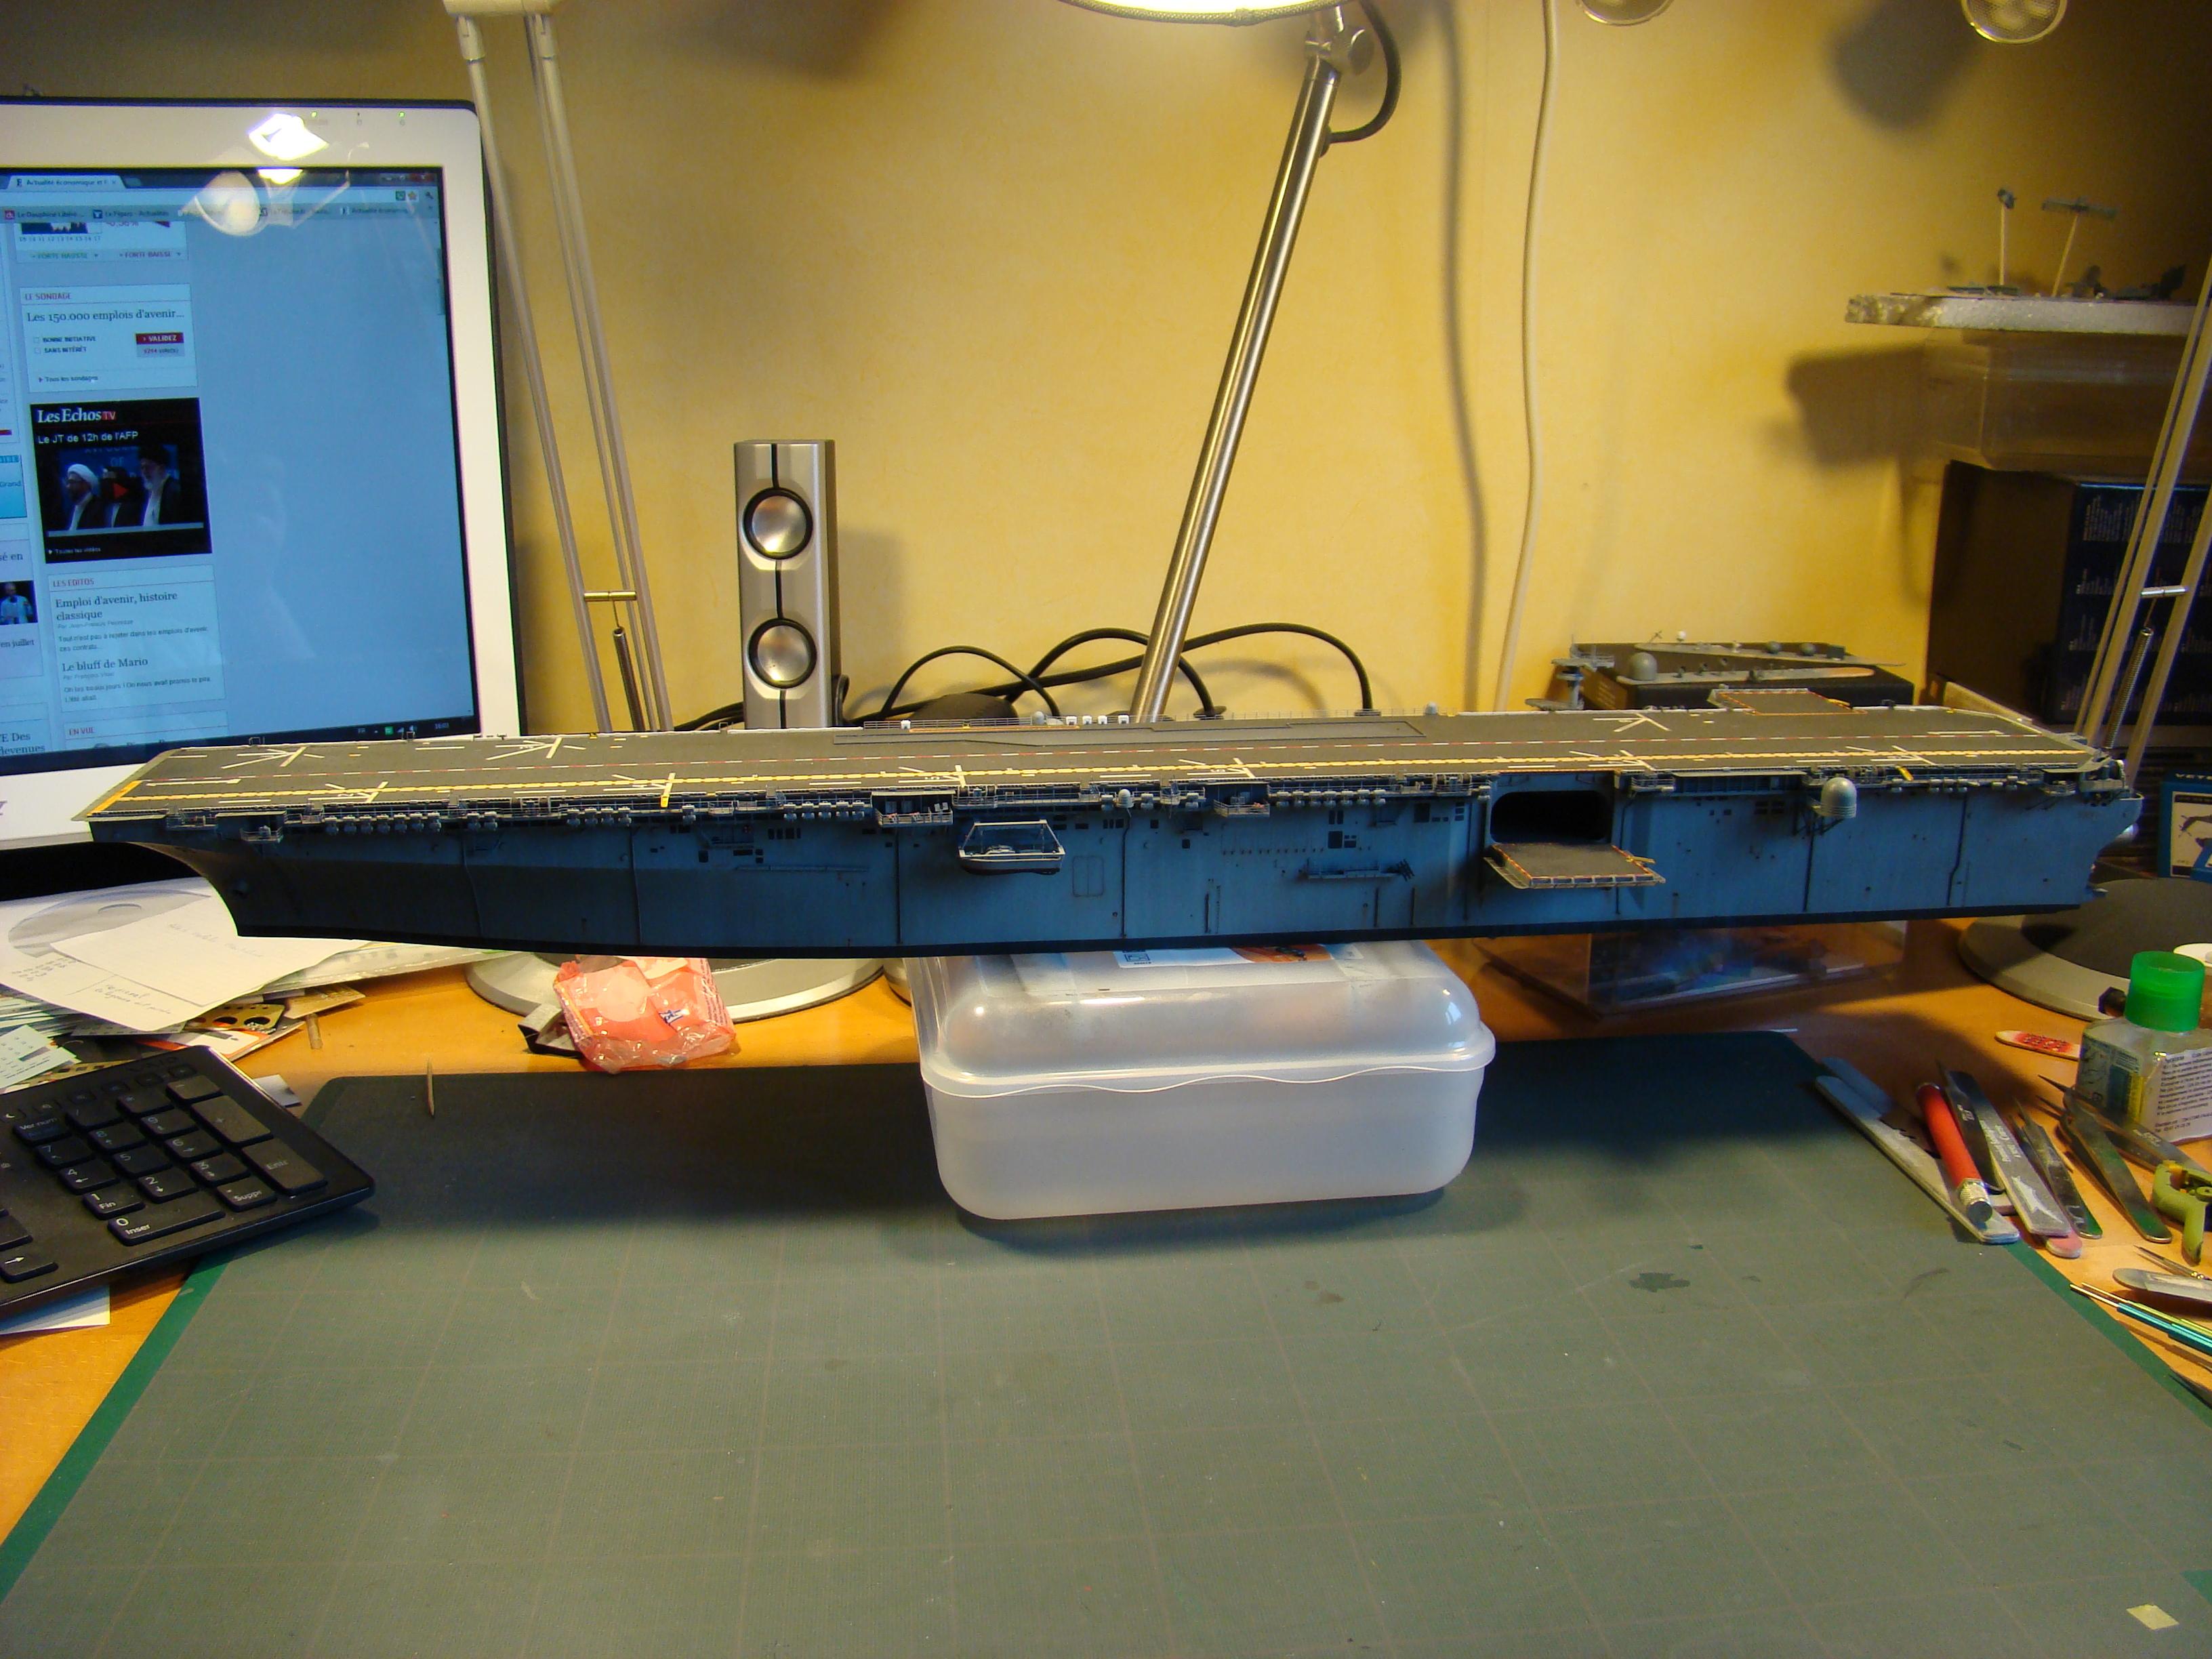 USS WASP LHD-1 au 1/350ème par nova73 - Page 7 Dsc09107b